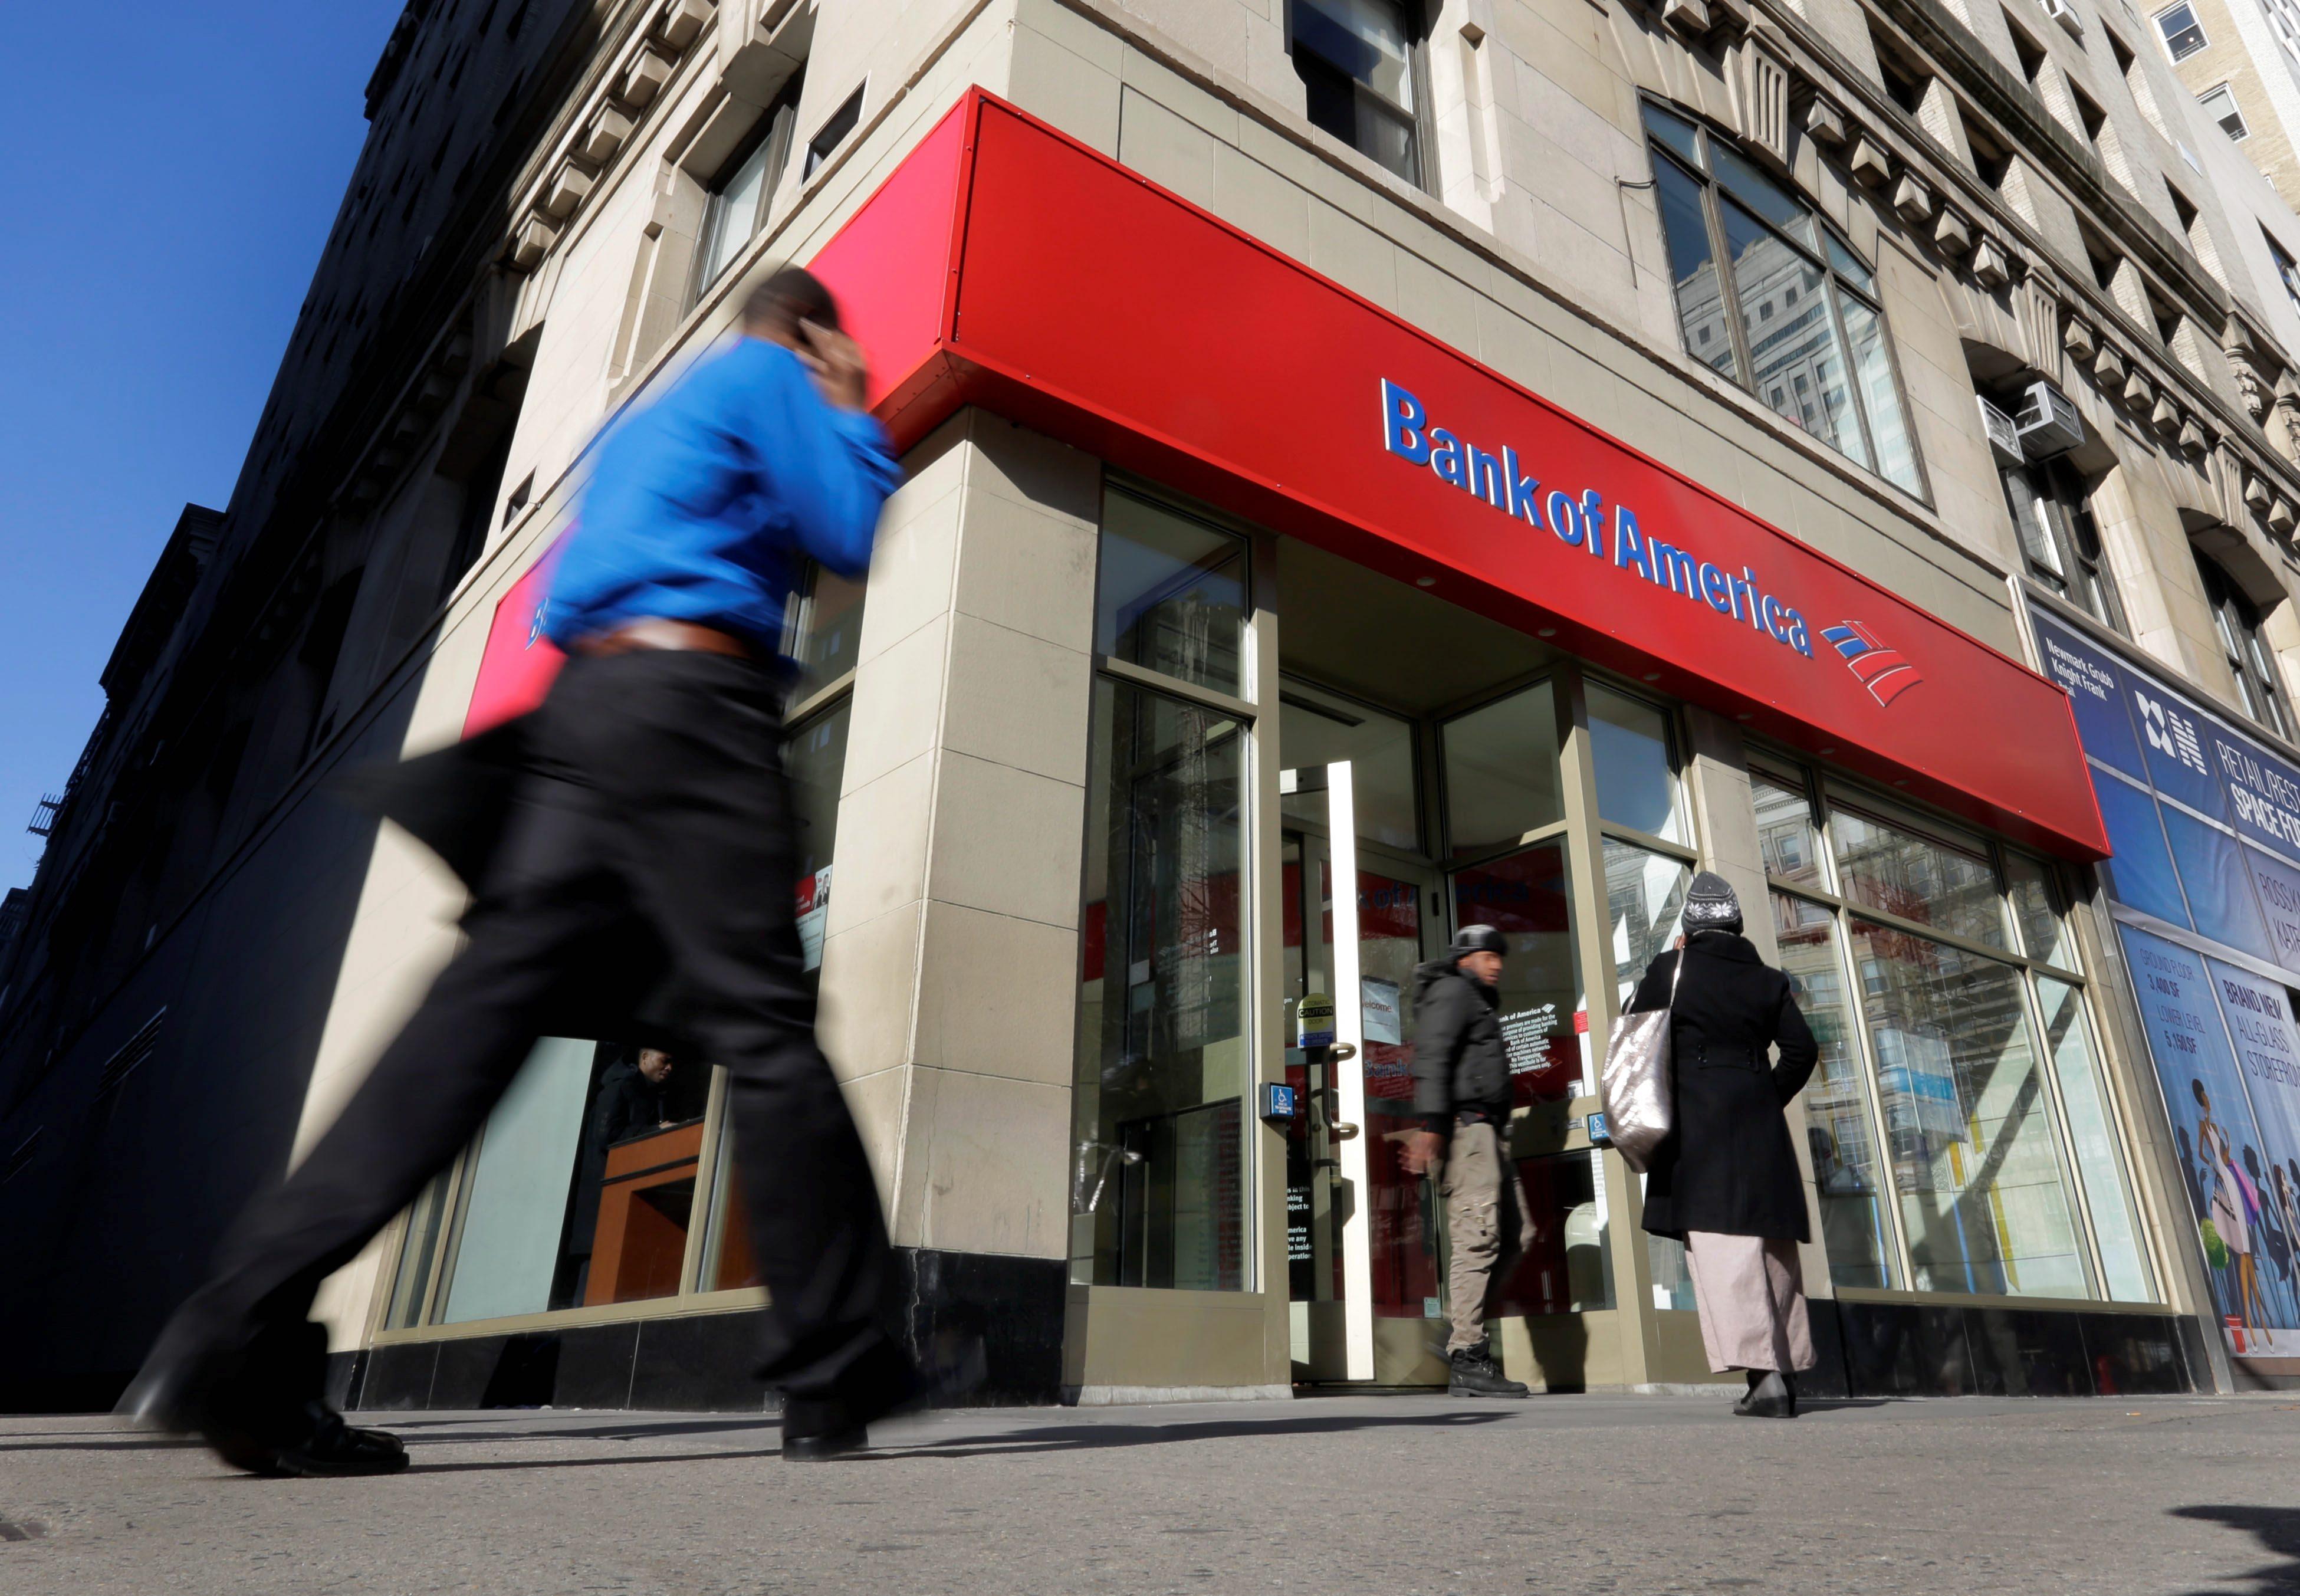 Bank of America. Ռուսաստանի տնտեսությունը դուրս է գալիս ճգնաժամից